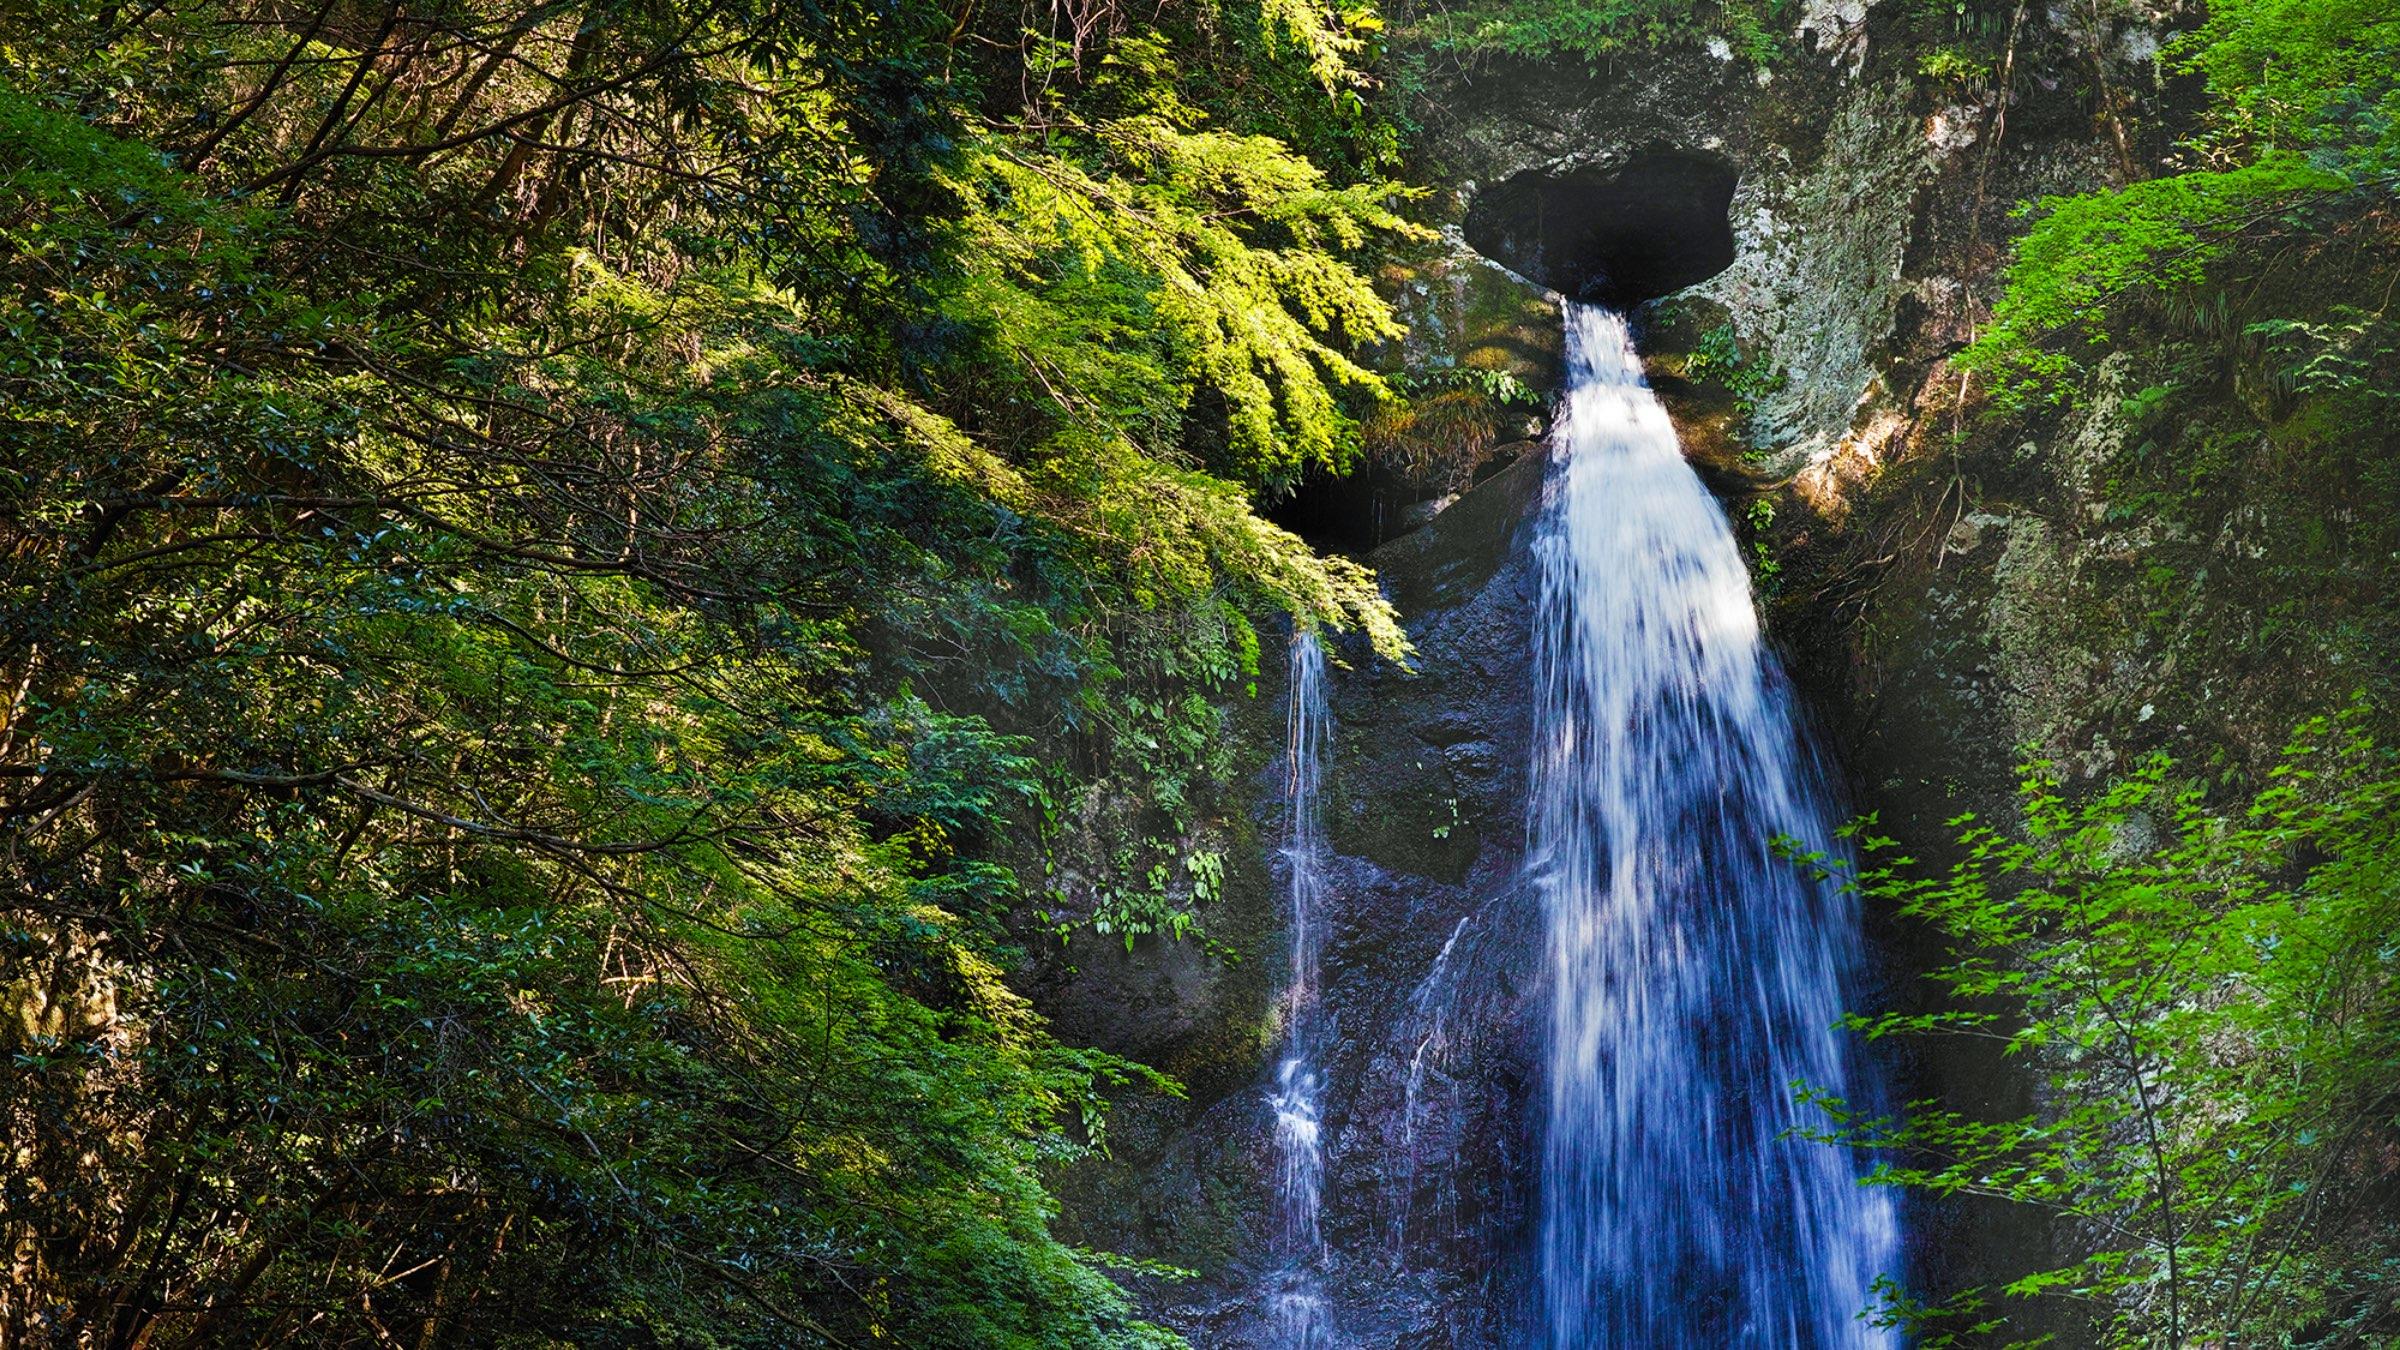 風景画の中に迷い込む。恋愛成就のハートの滝「長沢の滝」